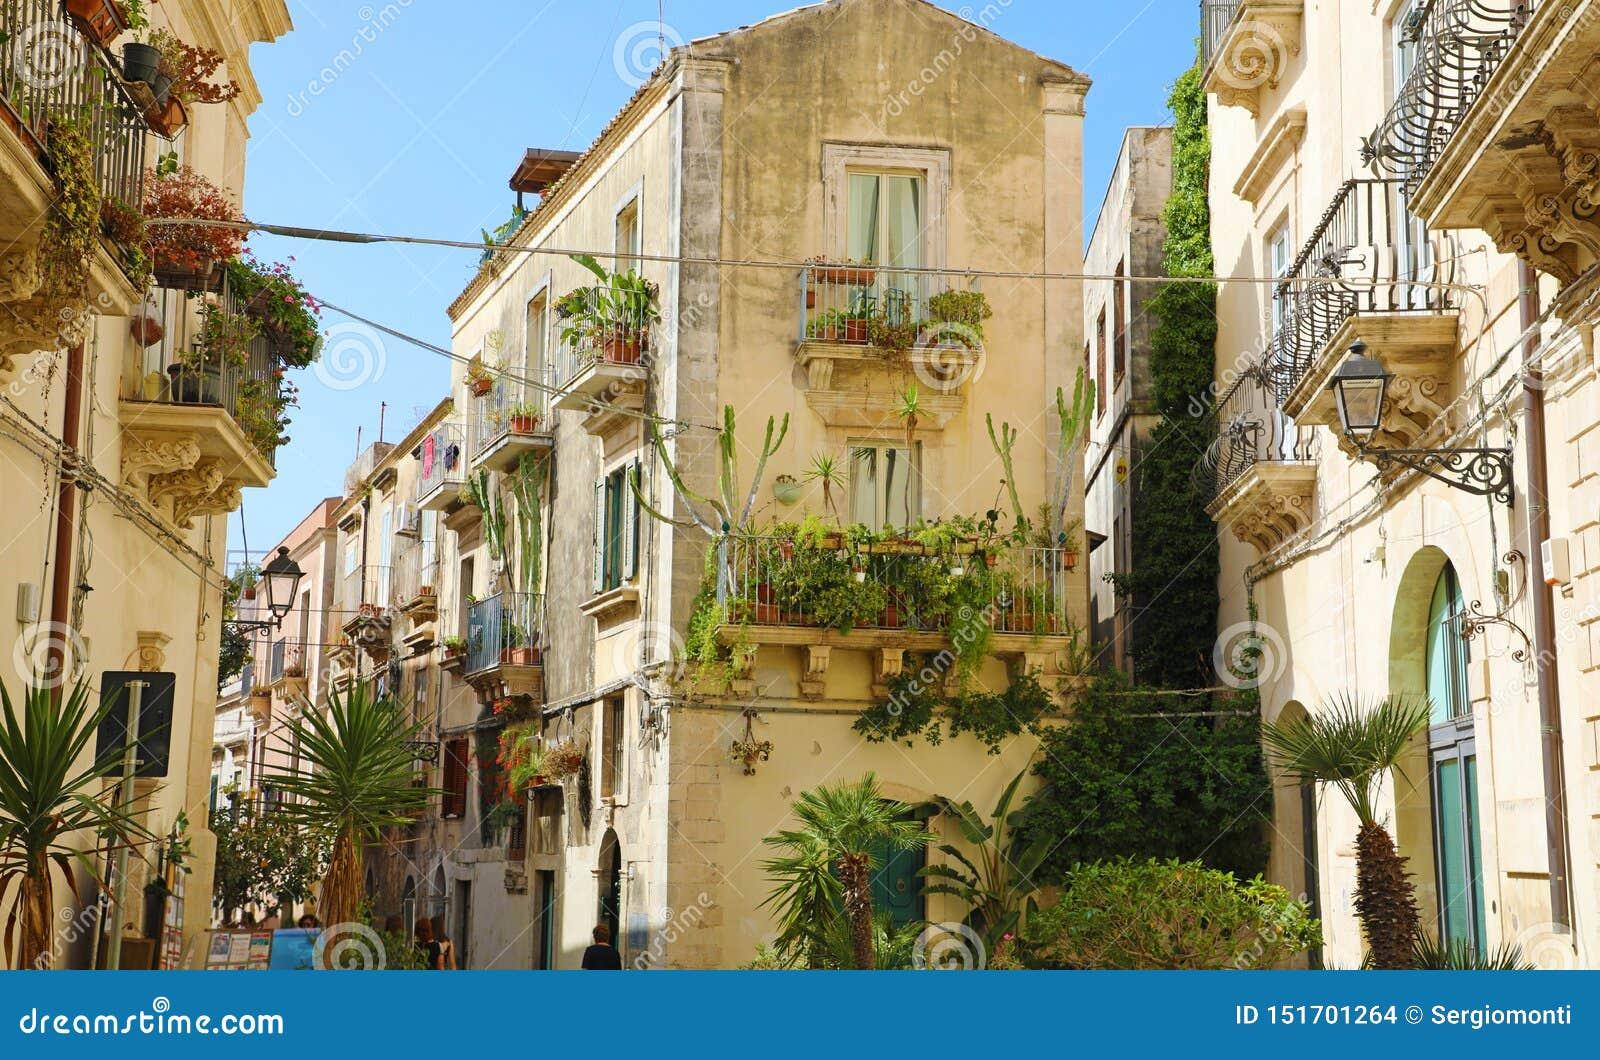 Buitensporige comfortabele verfraaide smalle straat in de oude stad van Ortygia van Syracuse in Sicilië, Italië